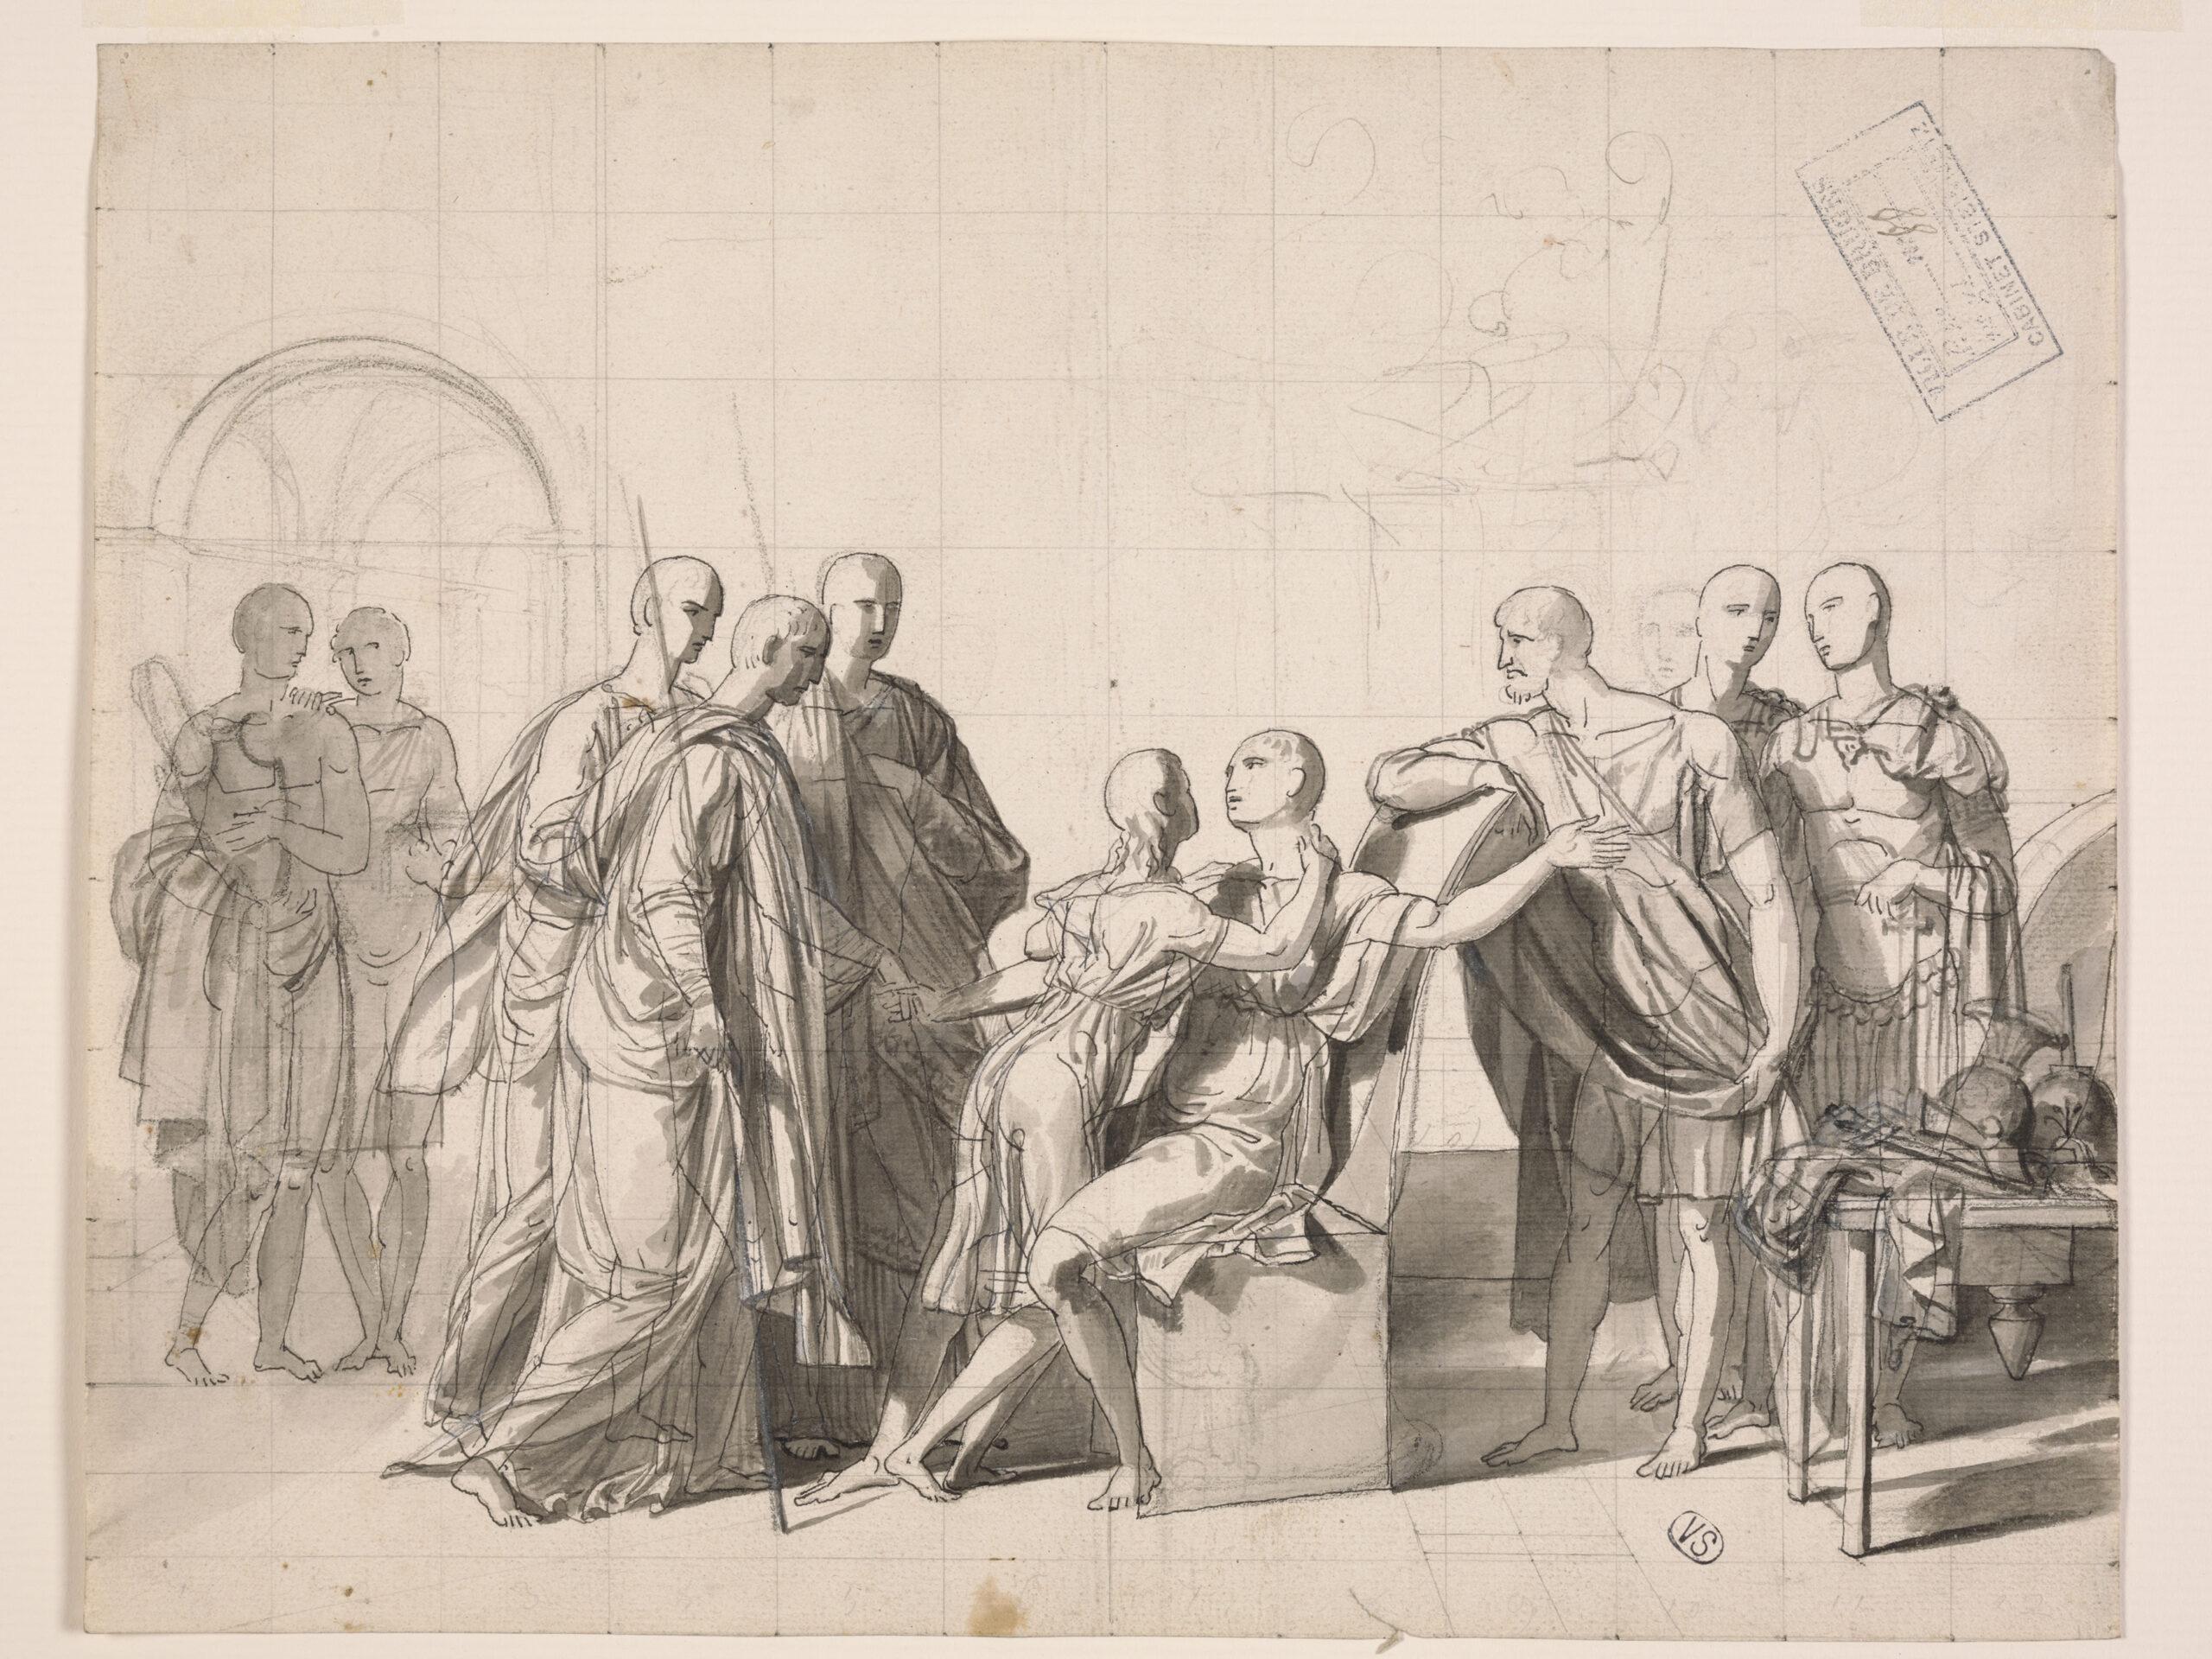 Fig. 2: Joseph Ducq (1762-1829), The Return of Scipio's Son, Groeningemuseum, Printroom, 0000.GRO2180.II Photo: Dominique Provost